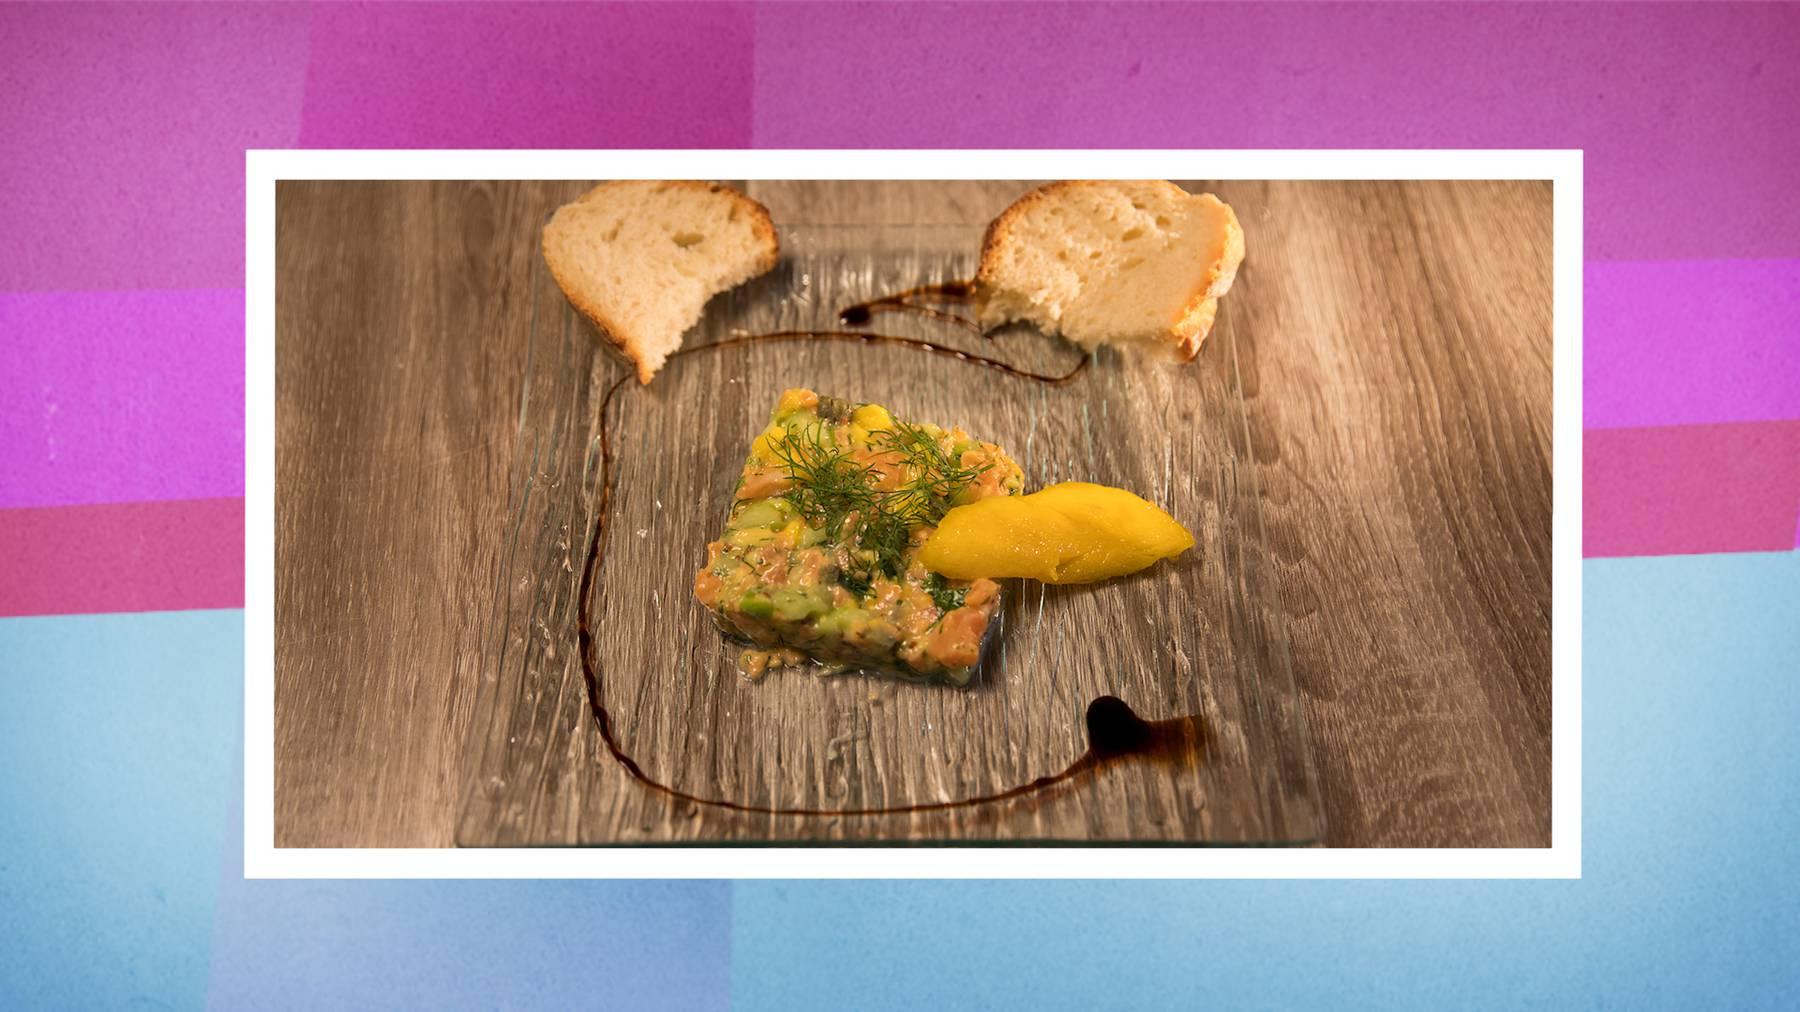 Die Vorspeise: Rauchlachs-Mangotatar mit selbstgebackenem Brot